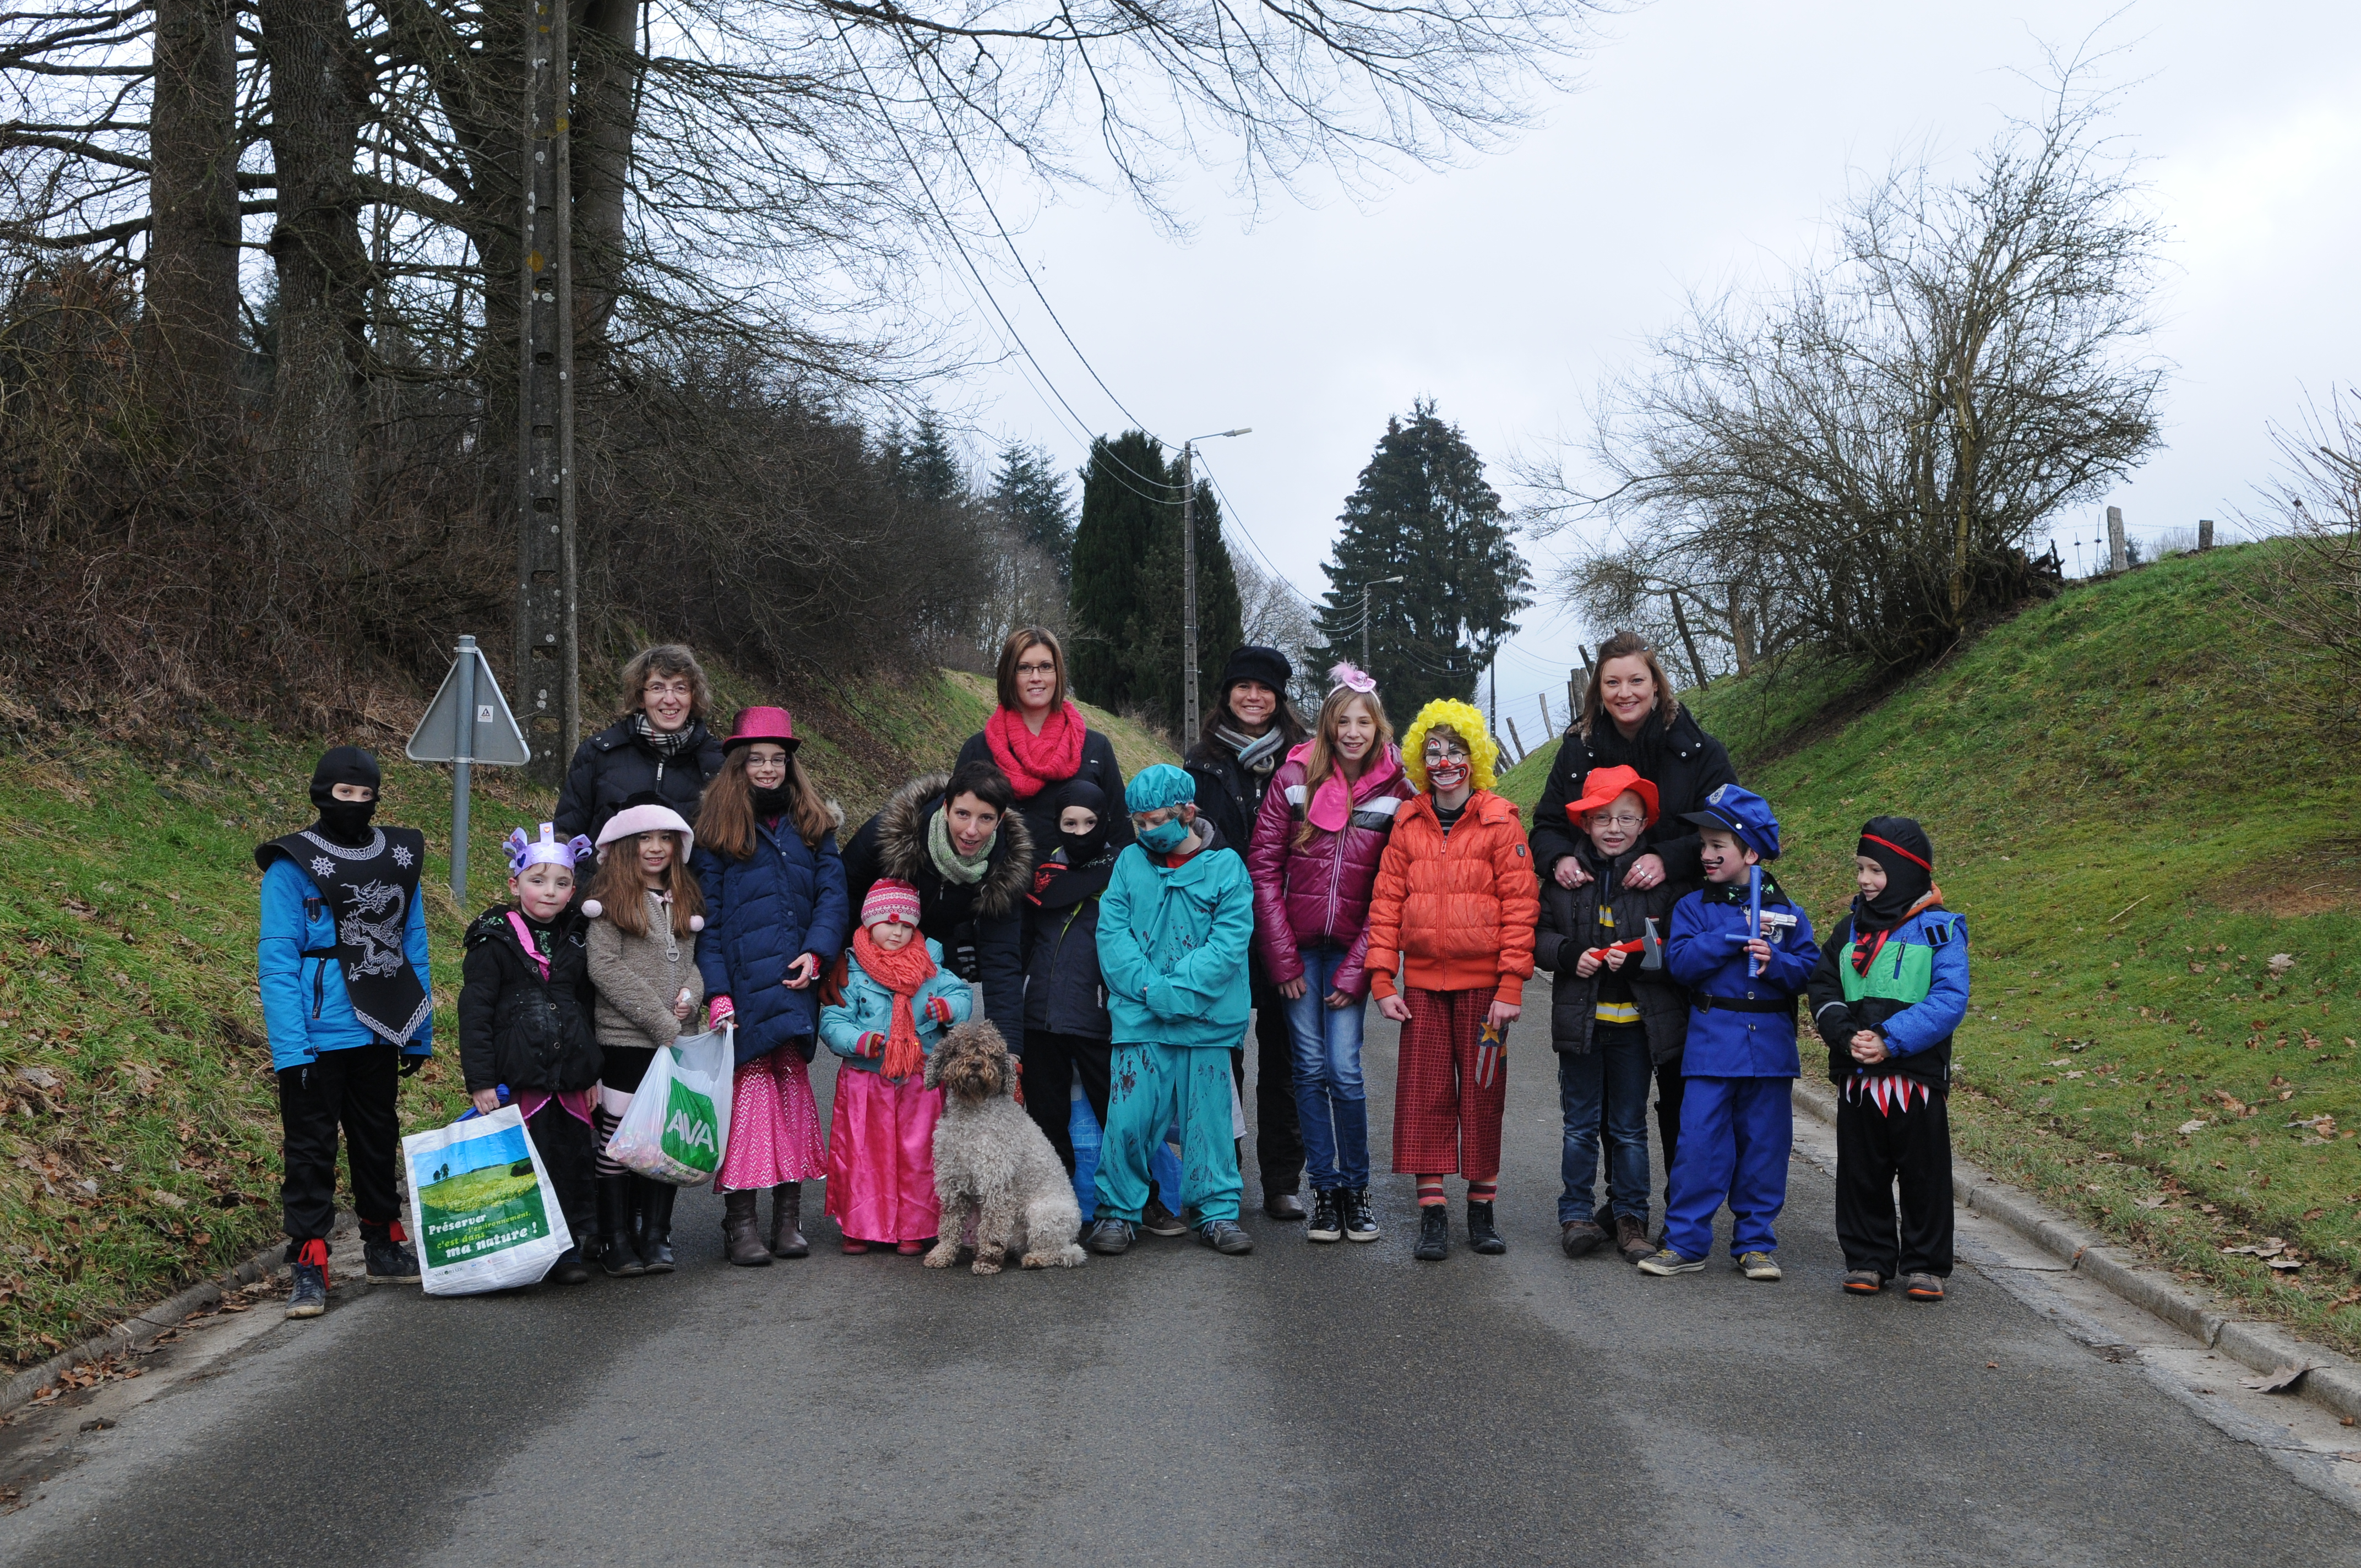 Carnaval des enfants 17 fév 2015.JPG